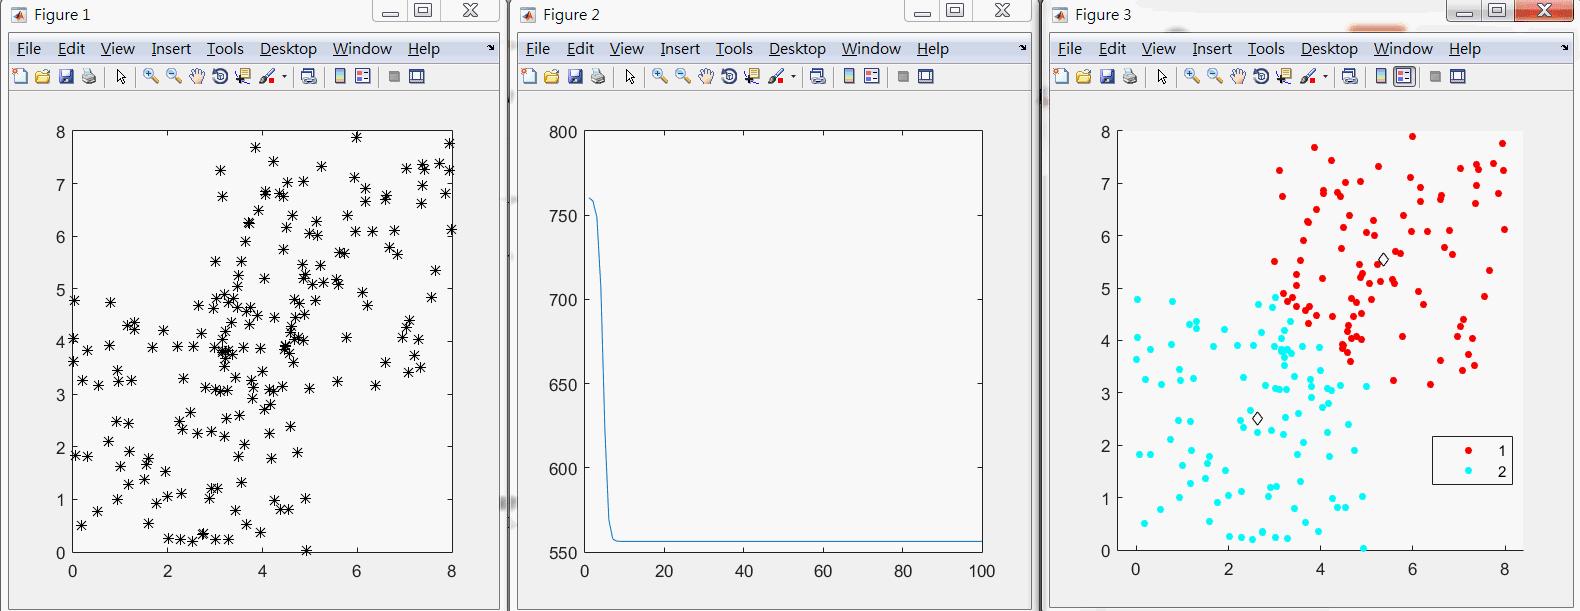 半工室Arduino Python NodeMCU: 《機器學習筆記》淺談Fuzzy C